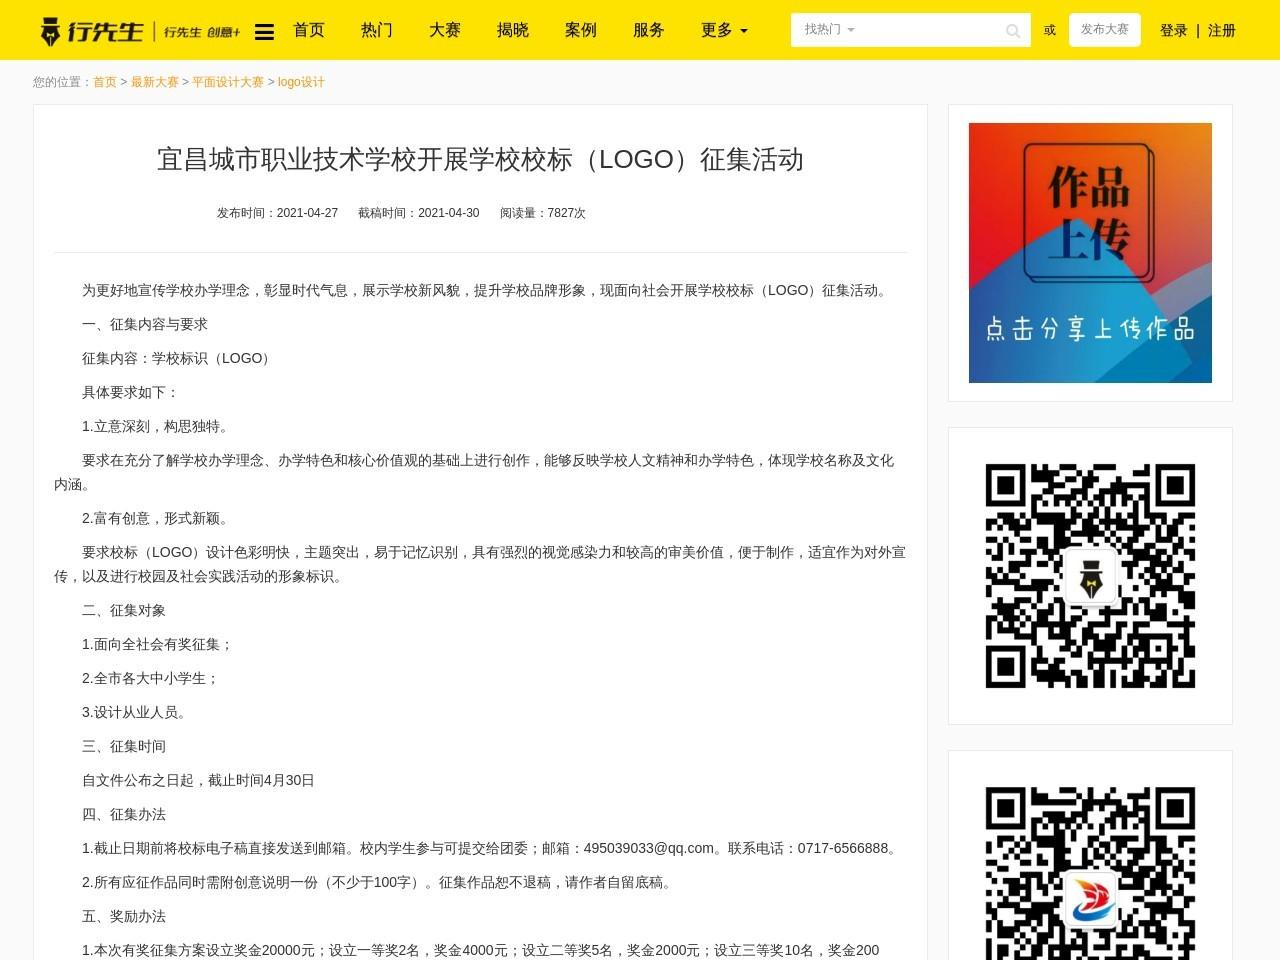 宜昌城市职业技术学校开展学校校标(LOGO)征集活动